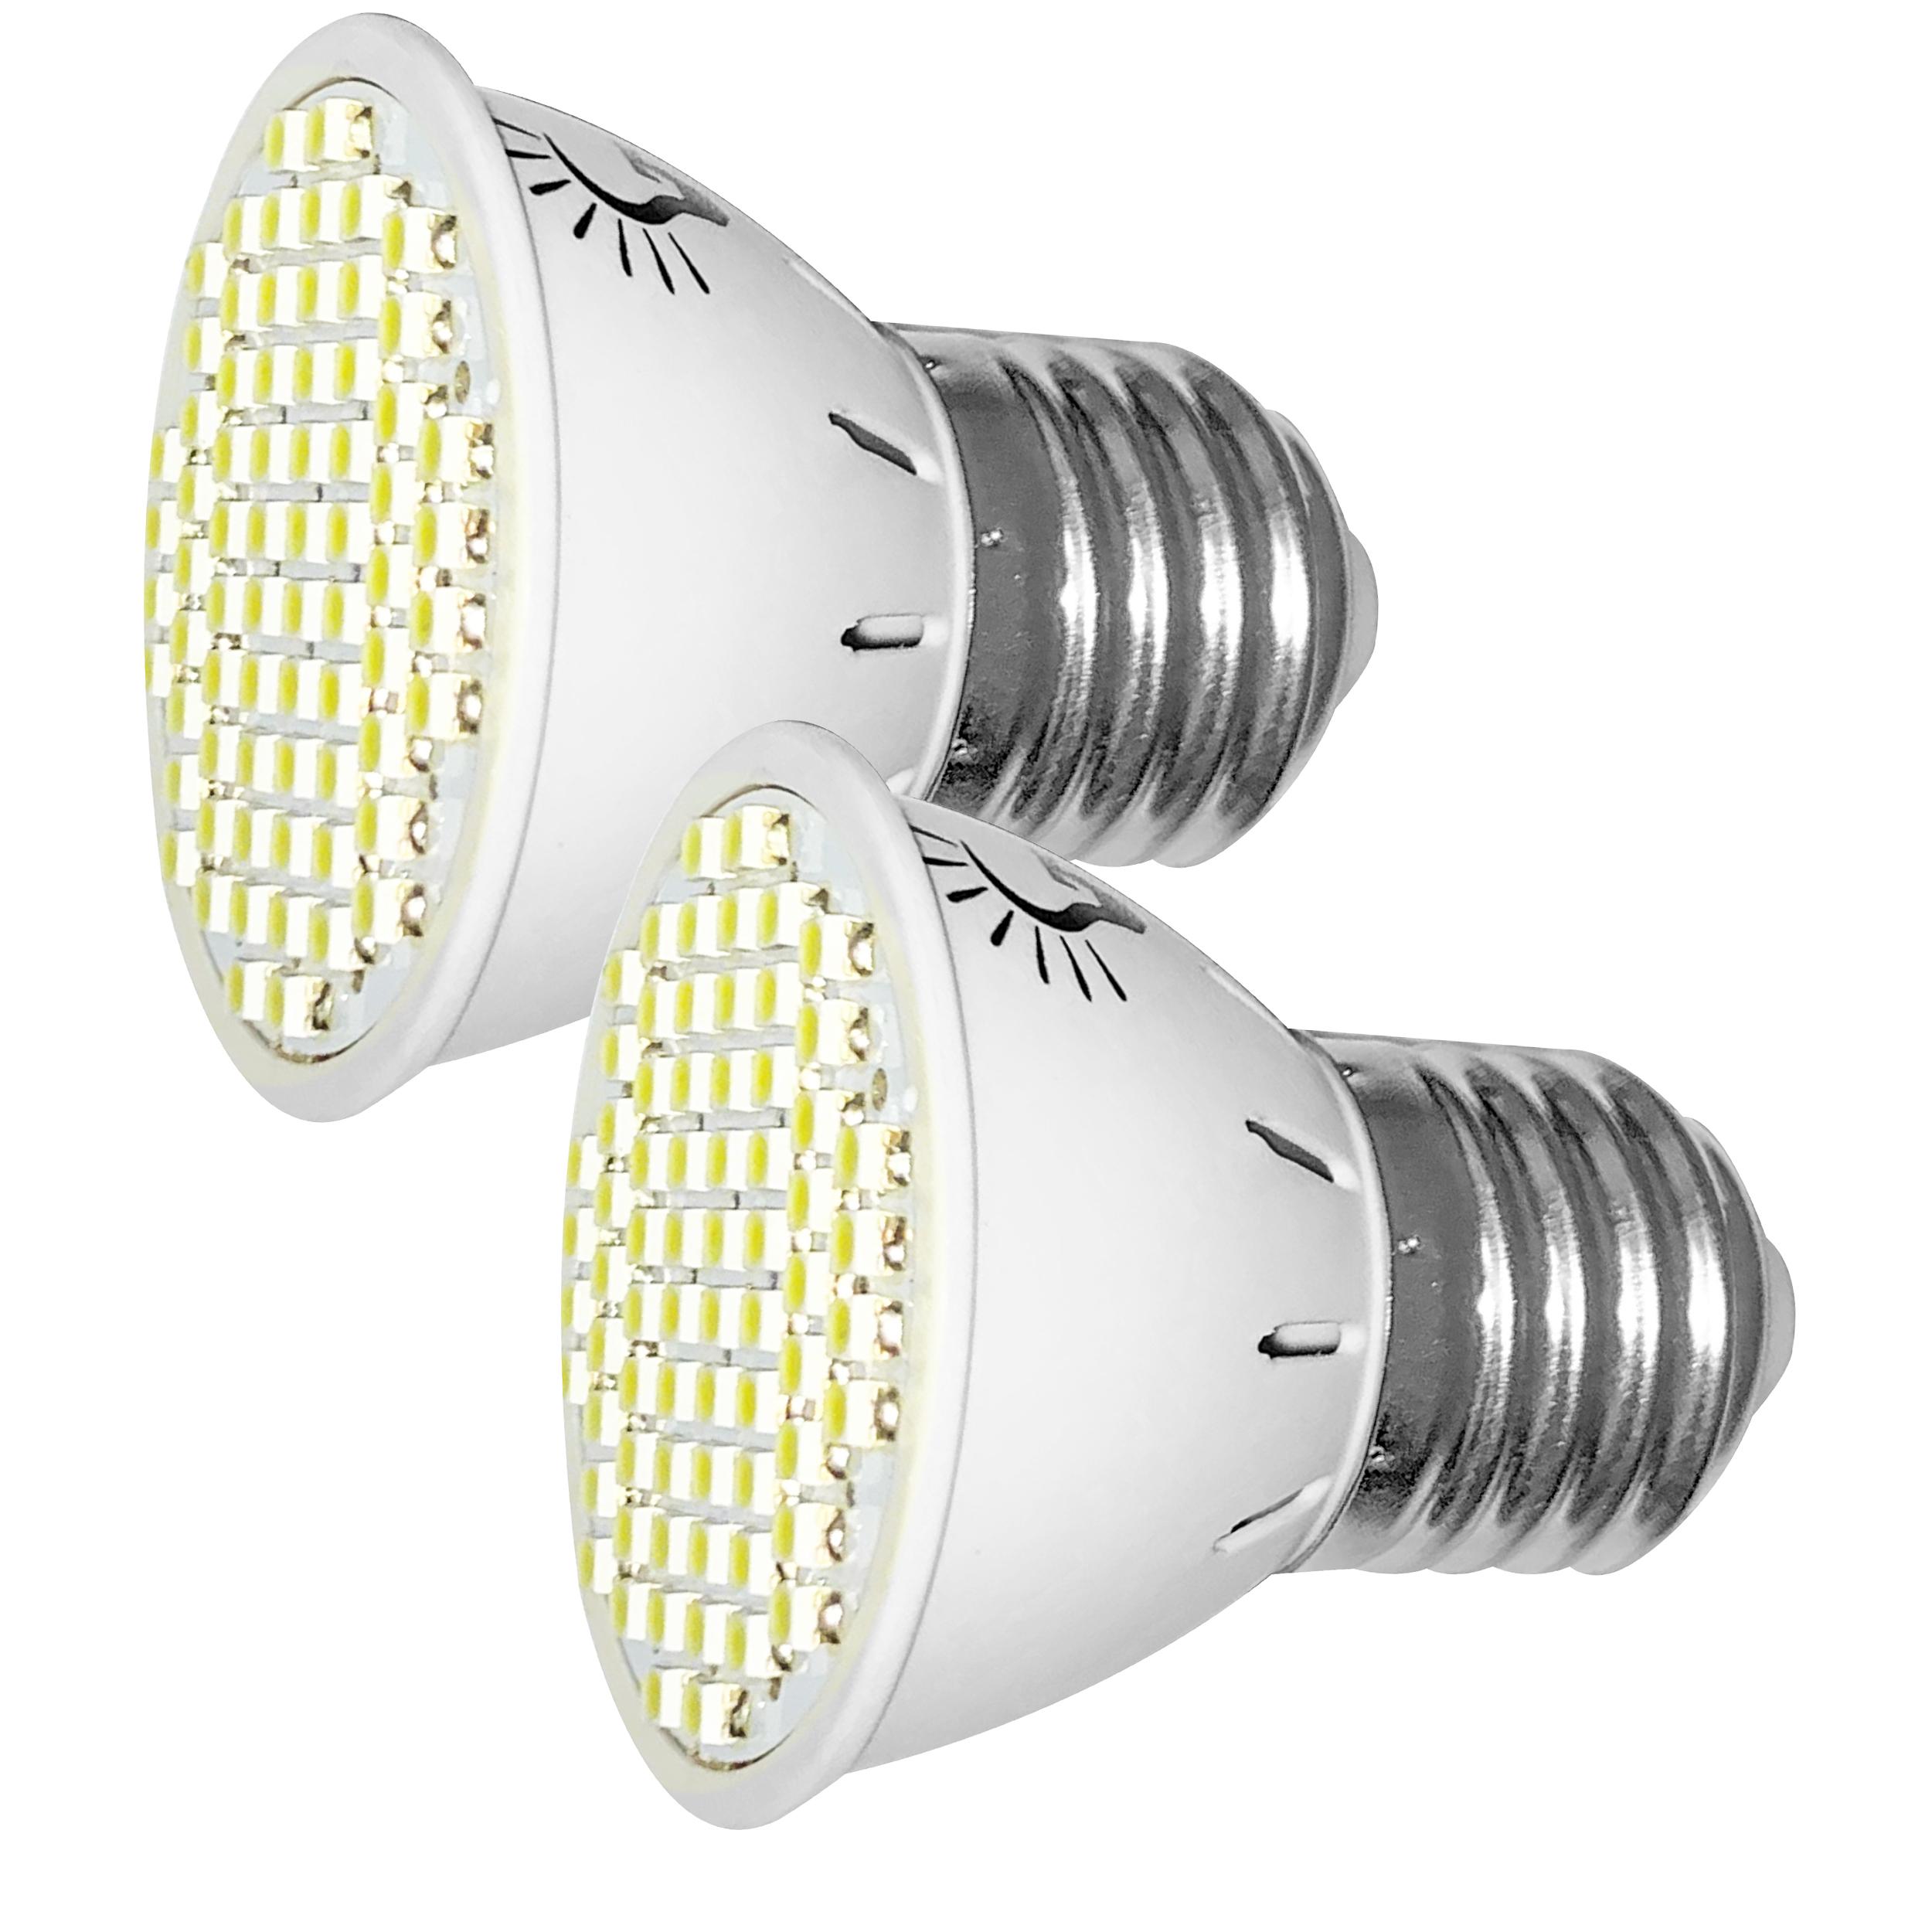 لامپ هالوژن 5 وات اف ای سی مدل 70SMD پایه E27 بسته 2 عددی